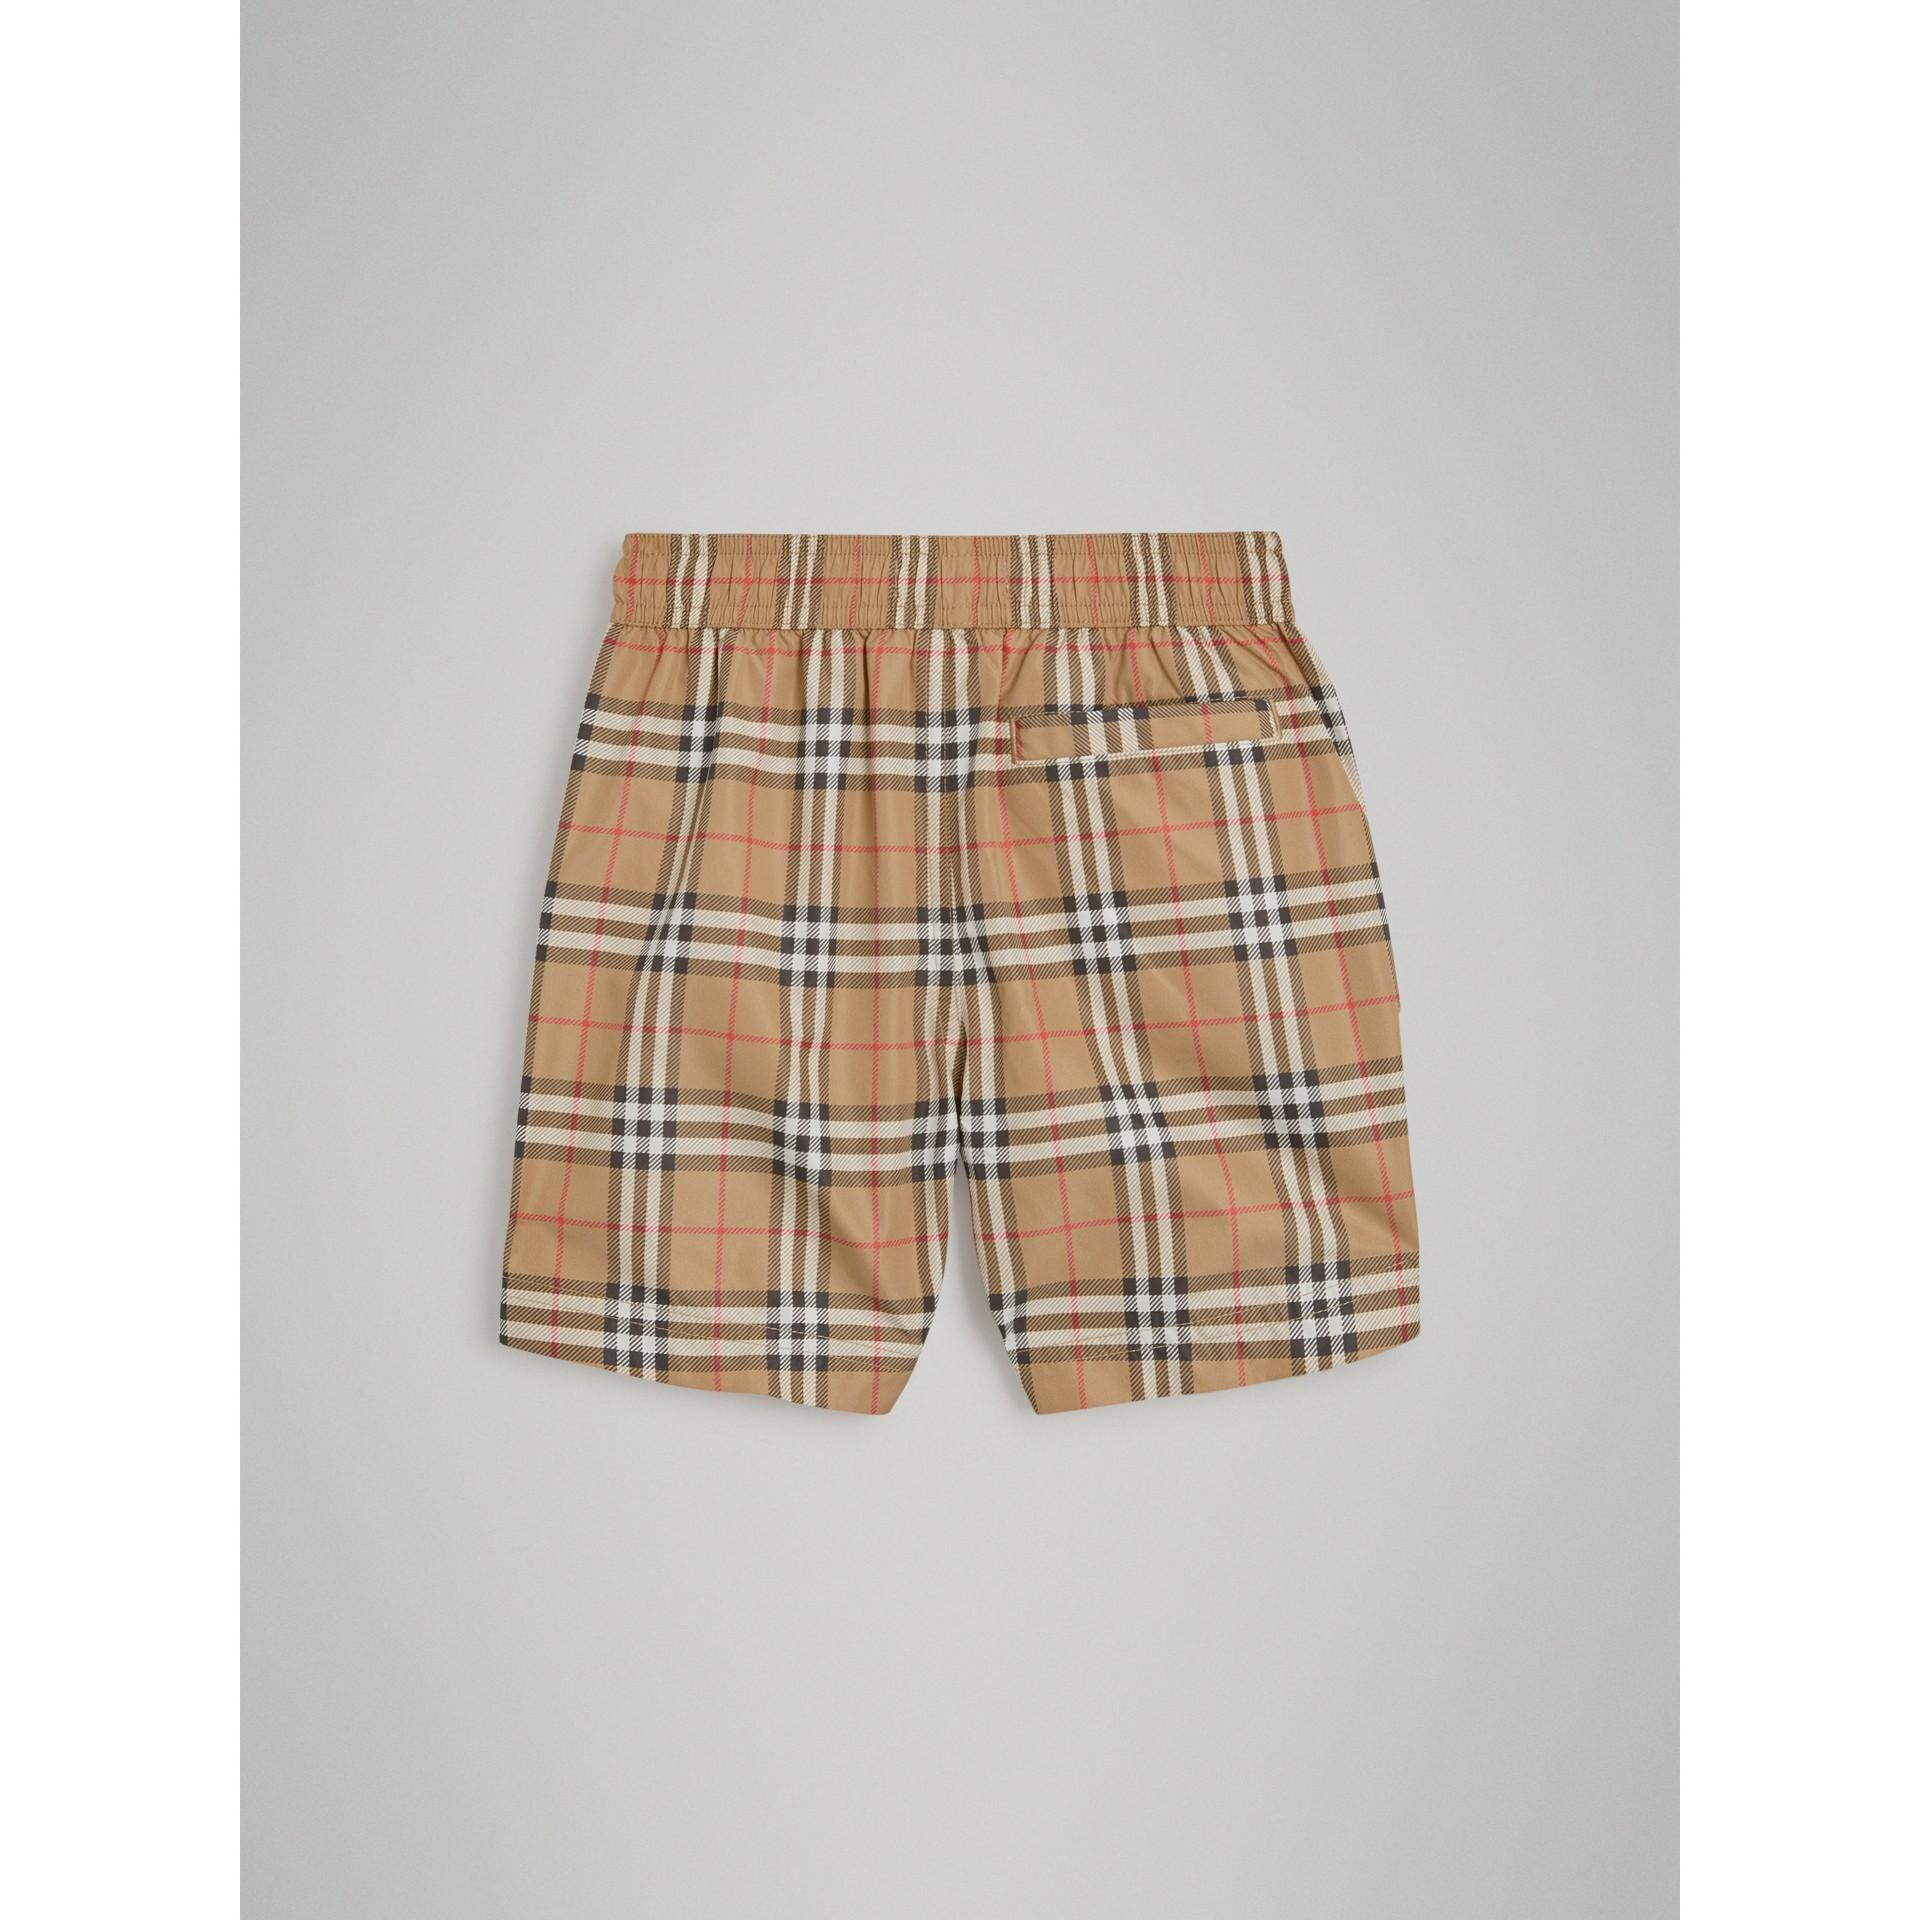 Schwimmshorts mit Vintage Check-Muster (Camelfarben) - Jungen | Burberry - Galerie-Bild 3